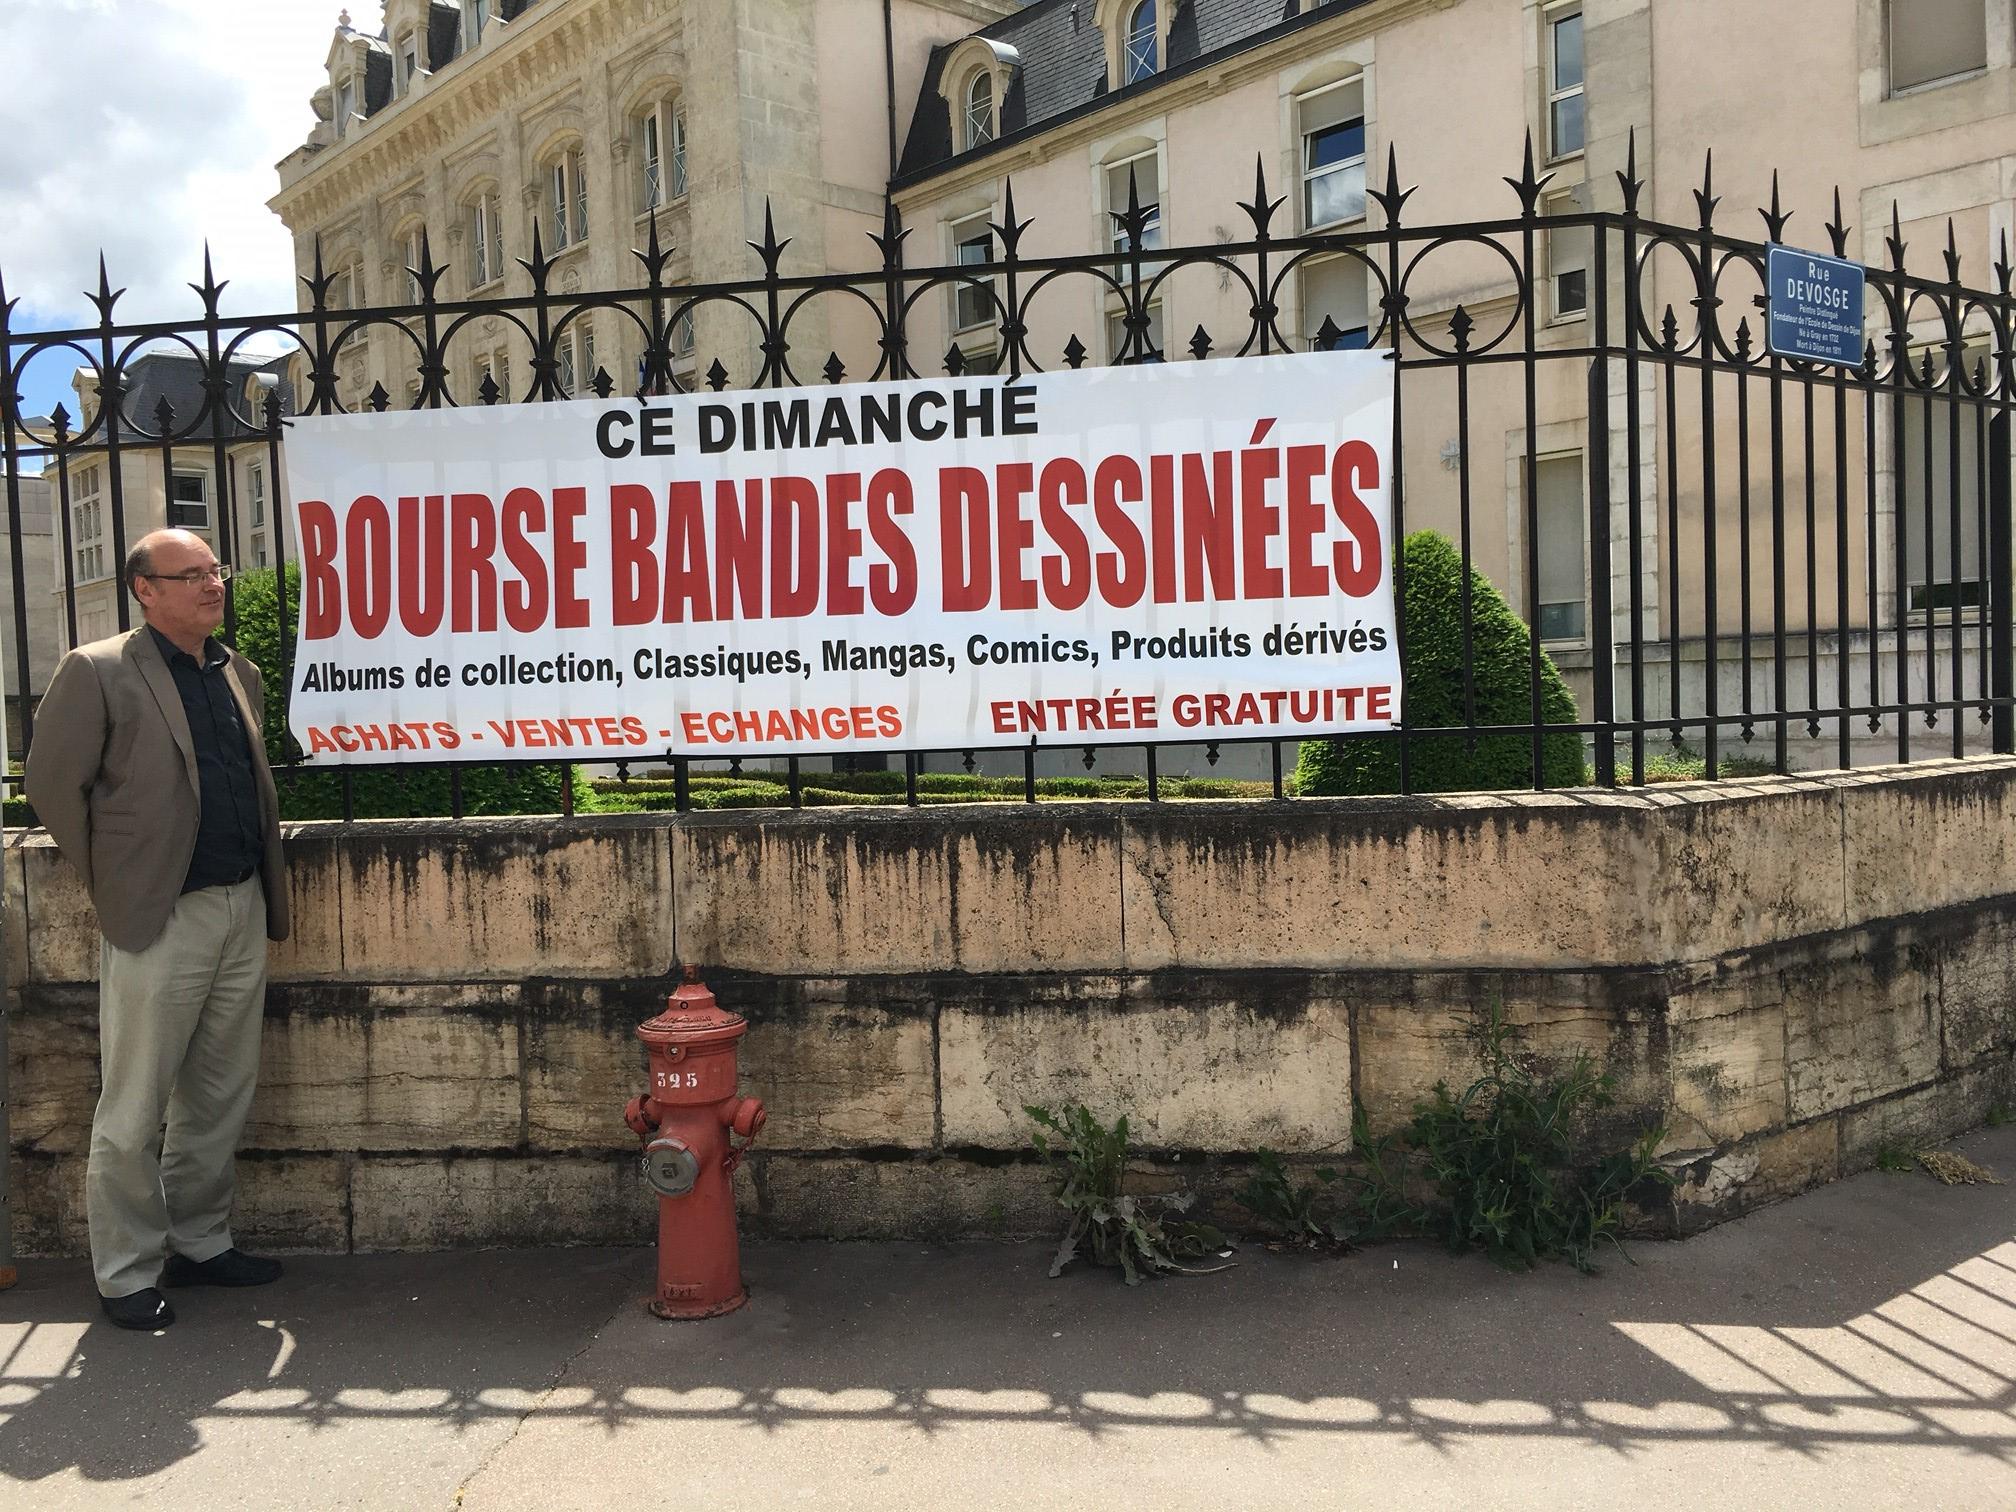 Banderole Bourse BD